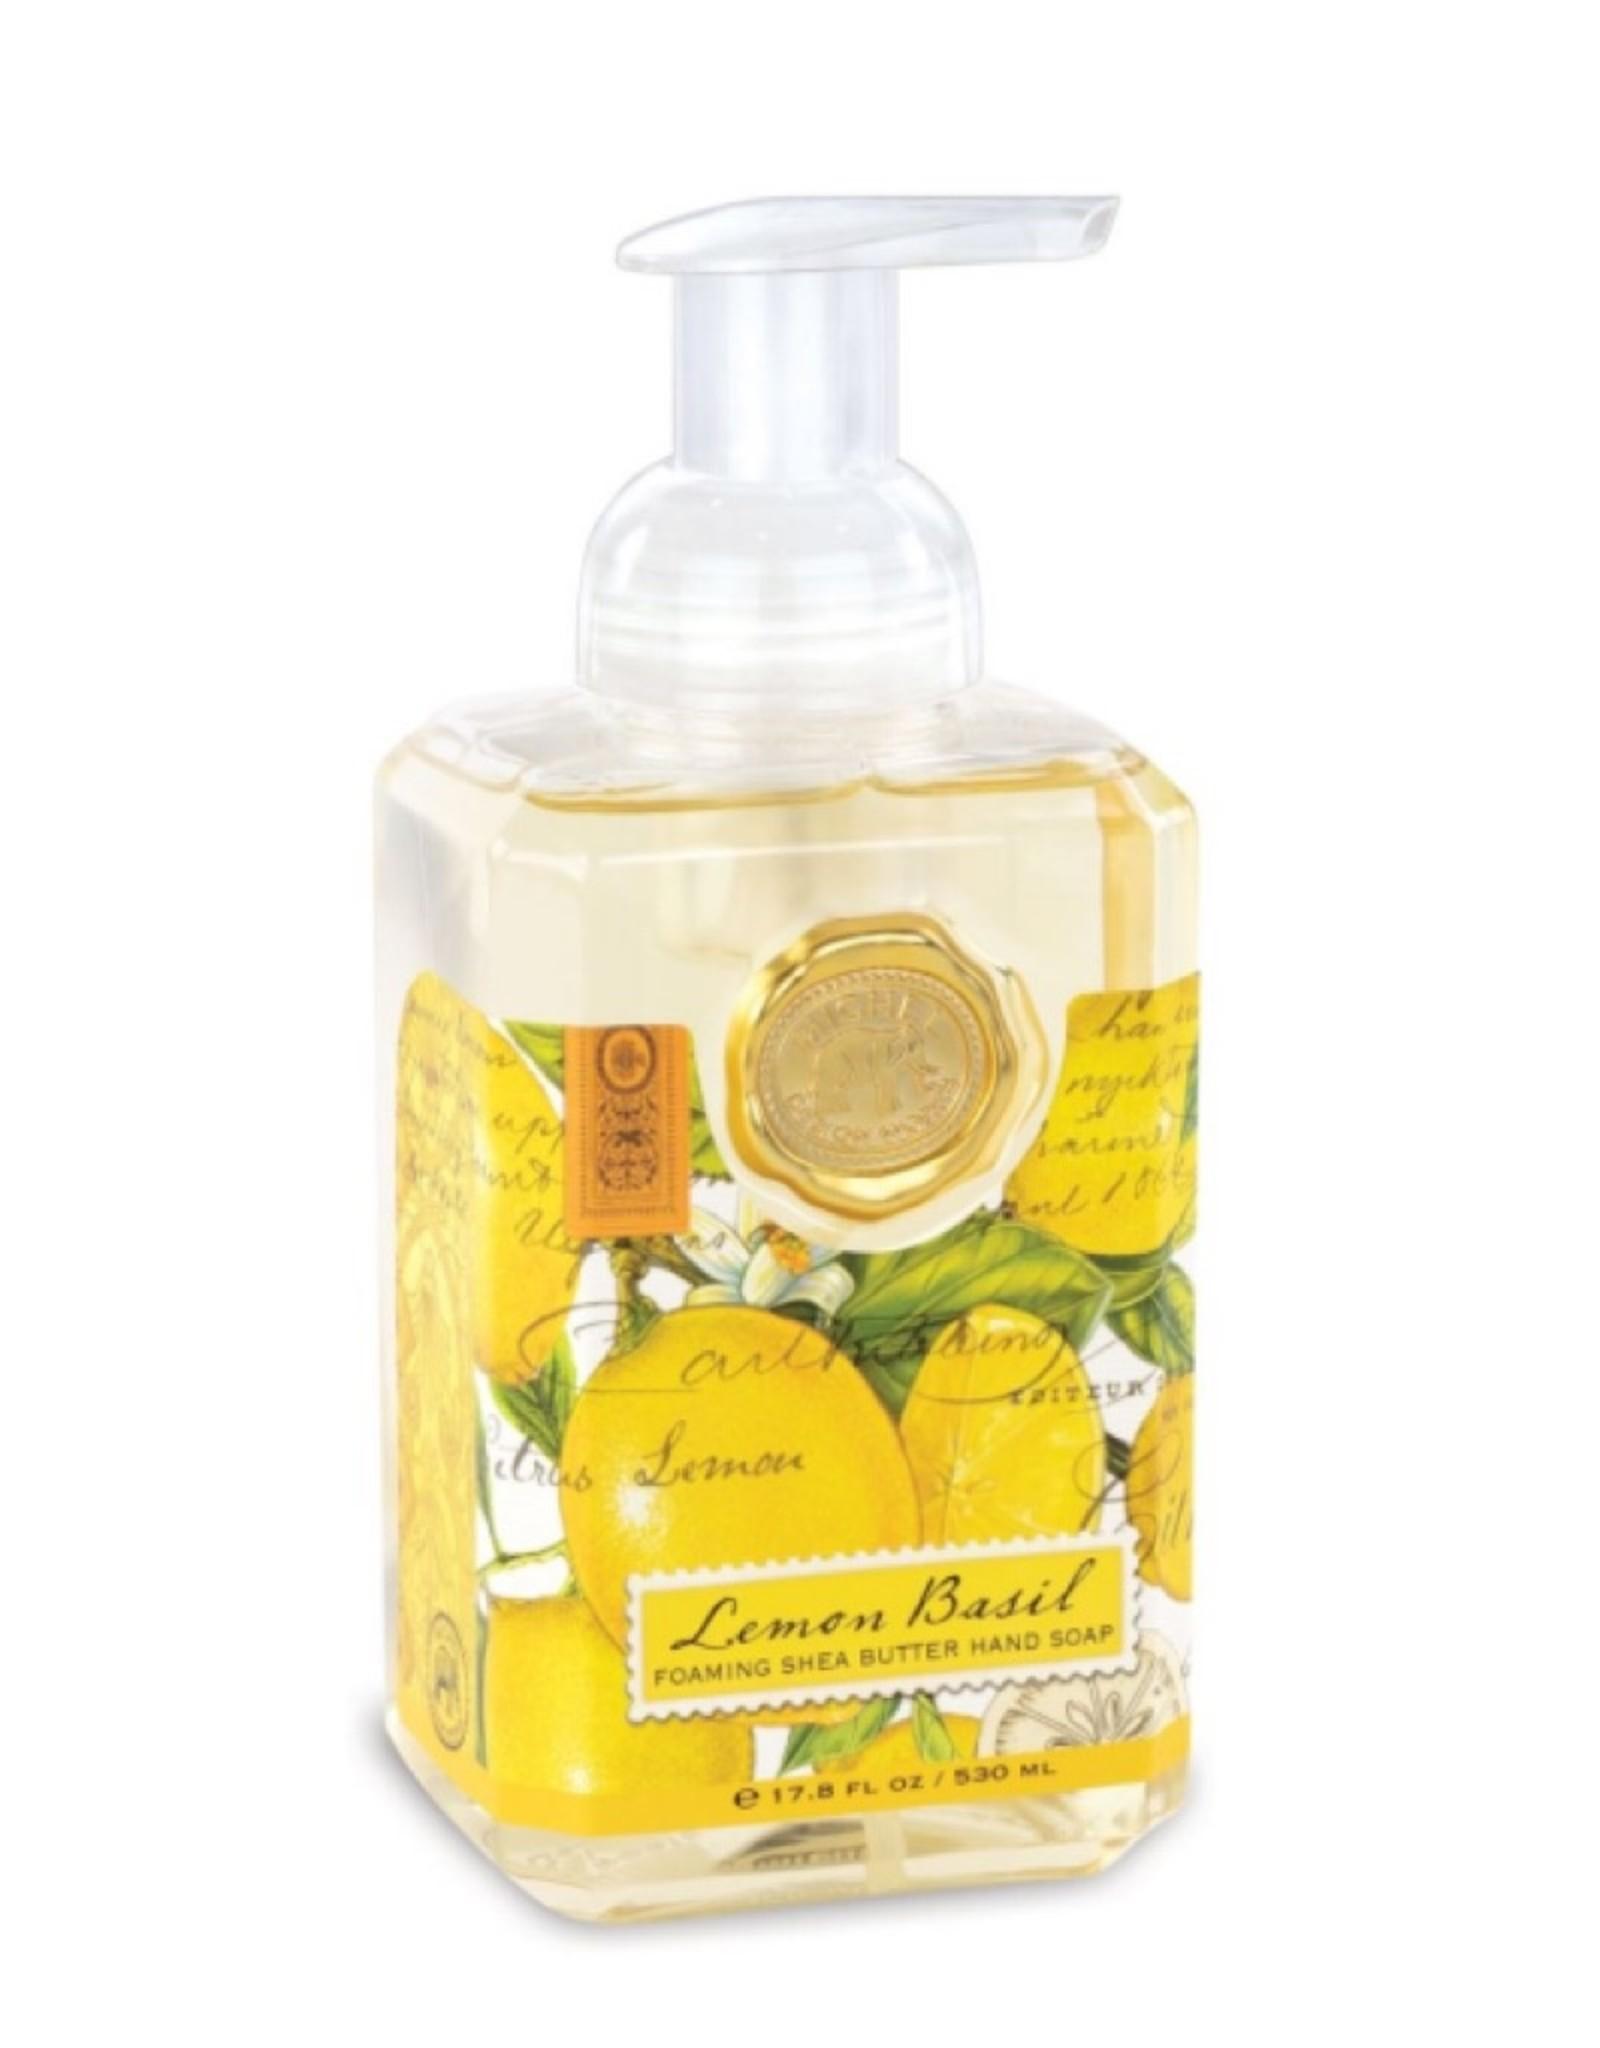 FOA8 Lemon Basil Foaming Soap